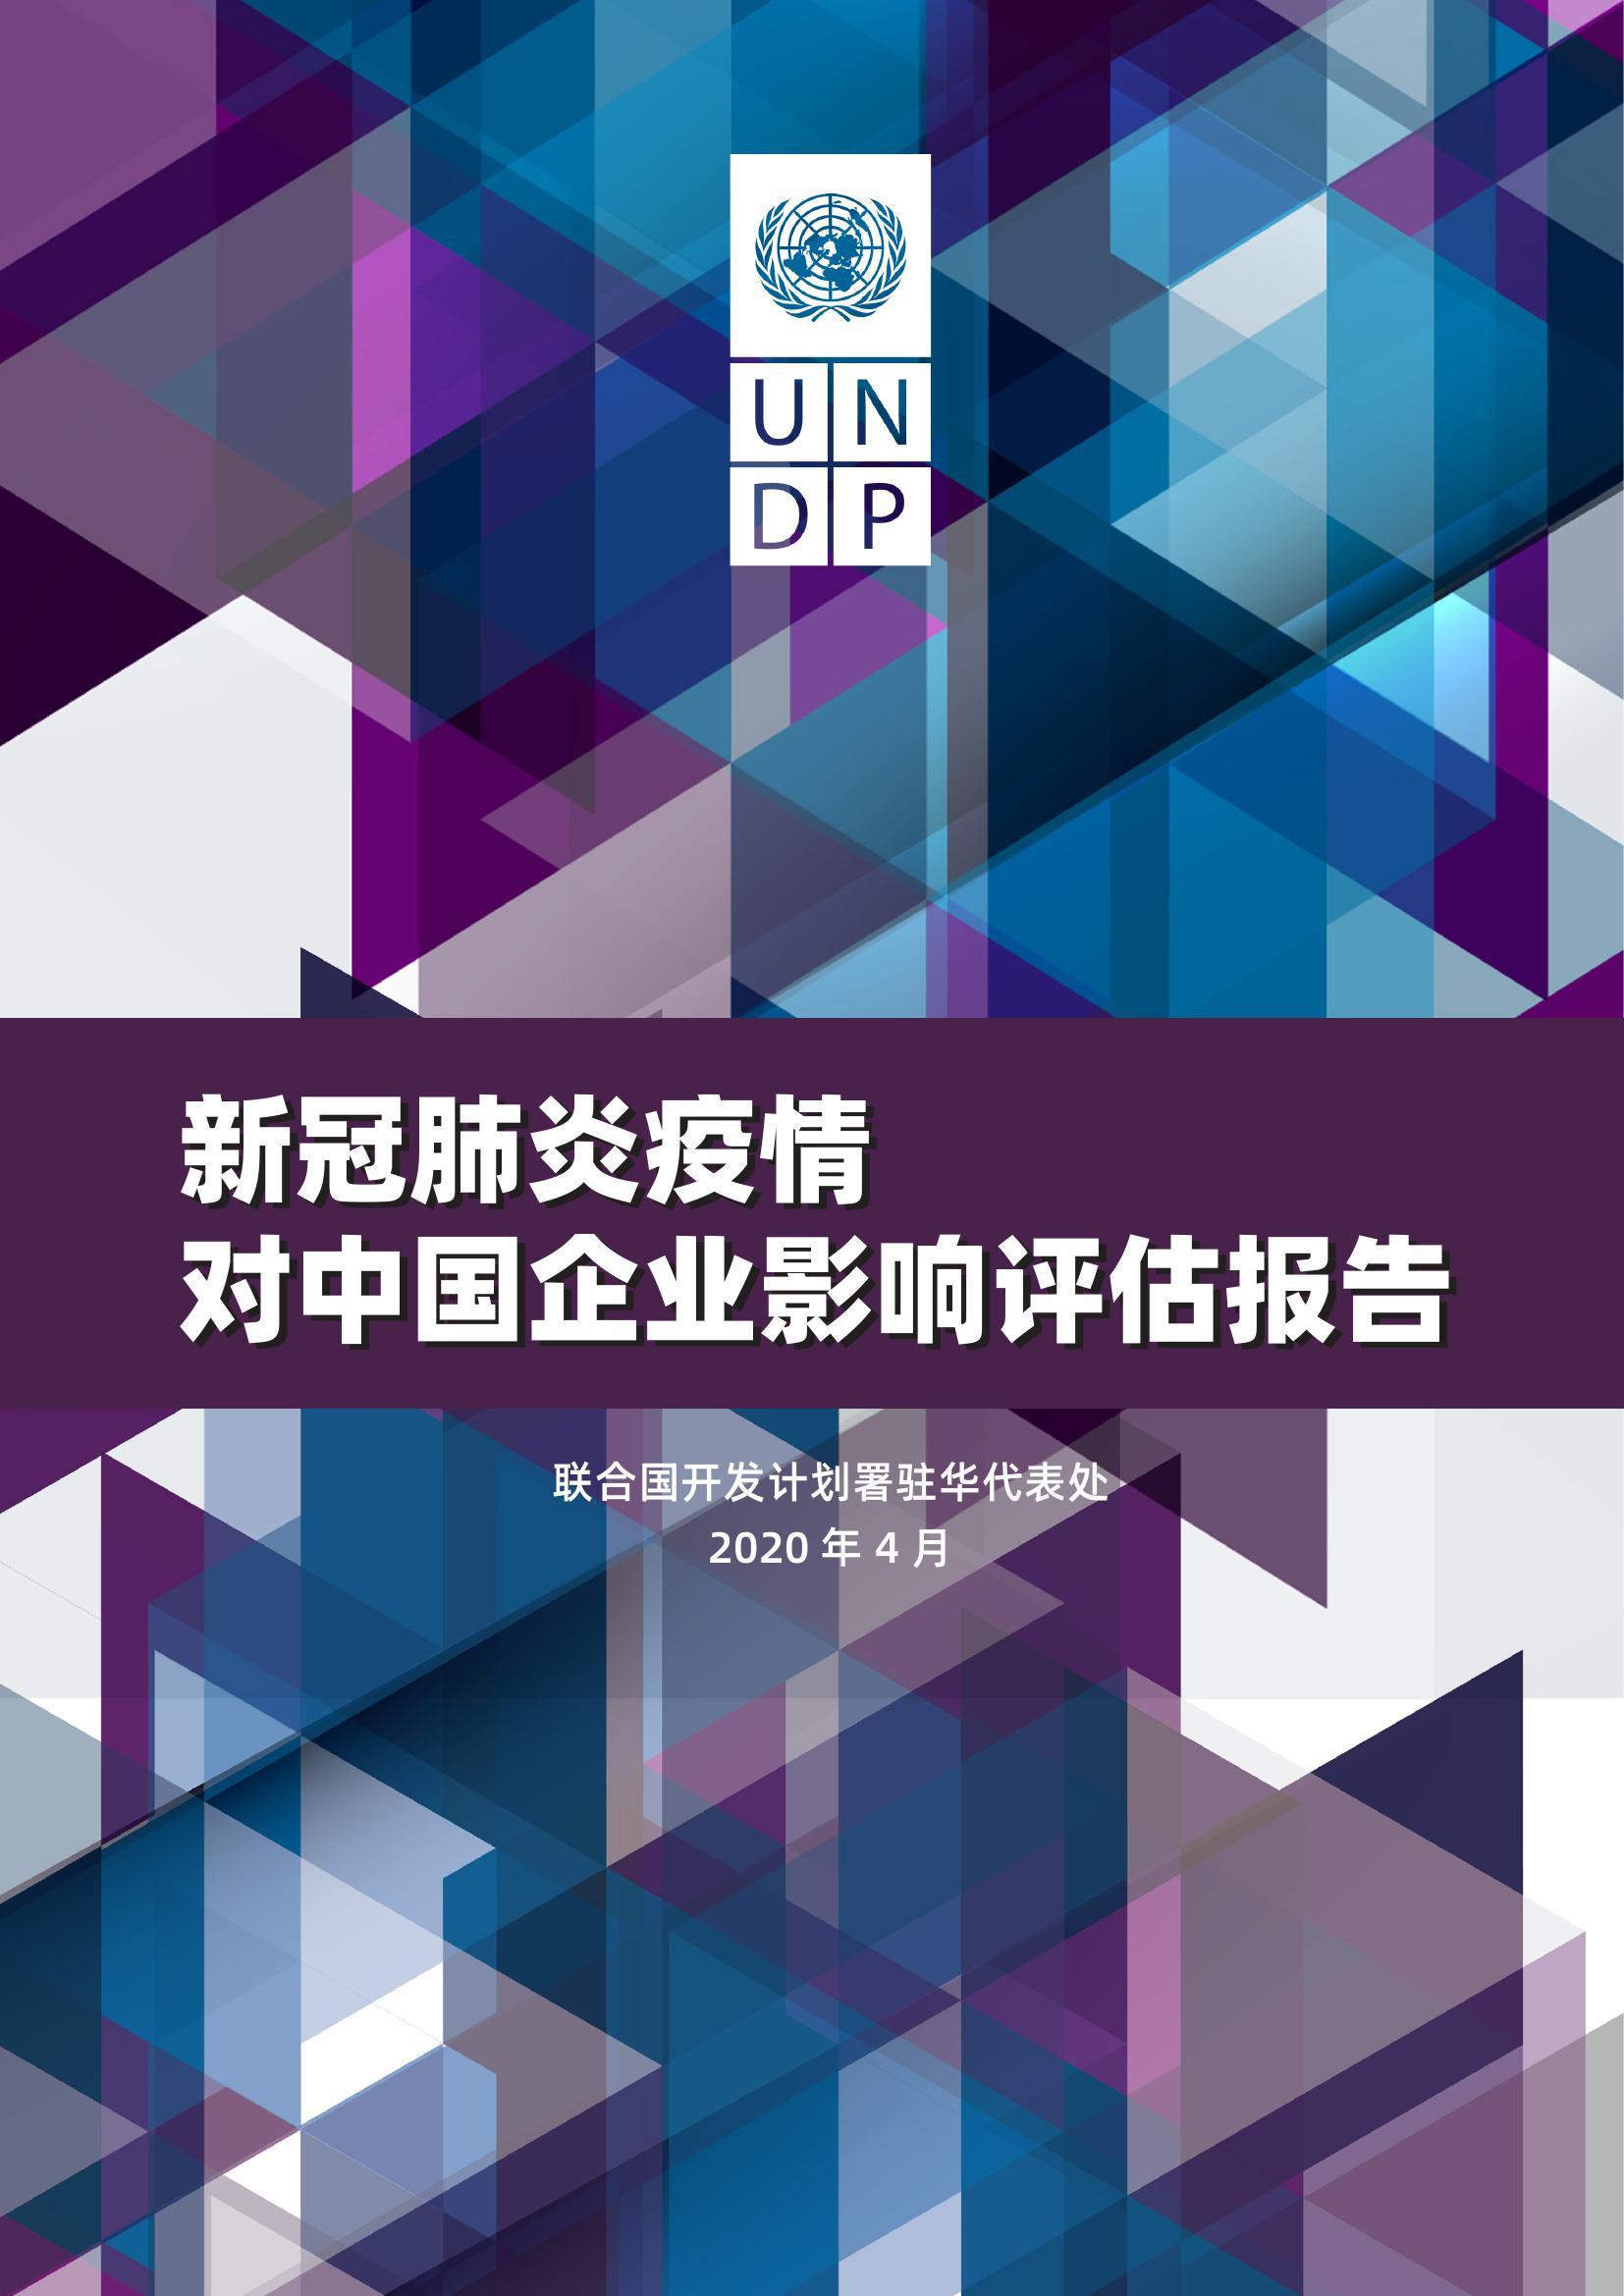 联合国开发计划署:新冠肺炎疫情对中国企业影响评估报告